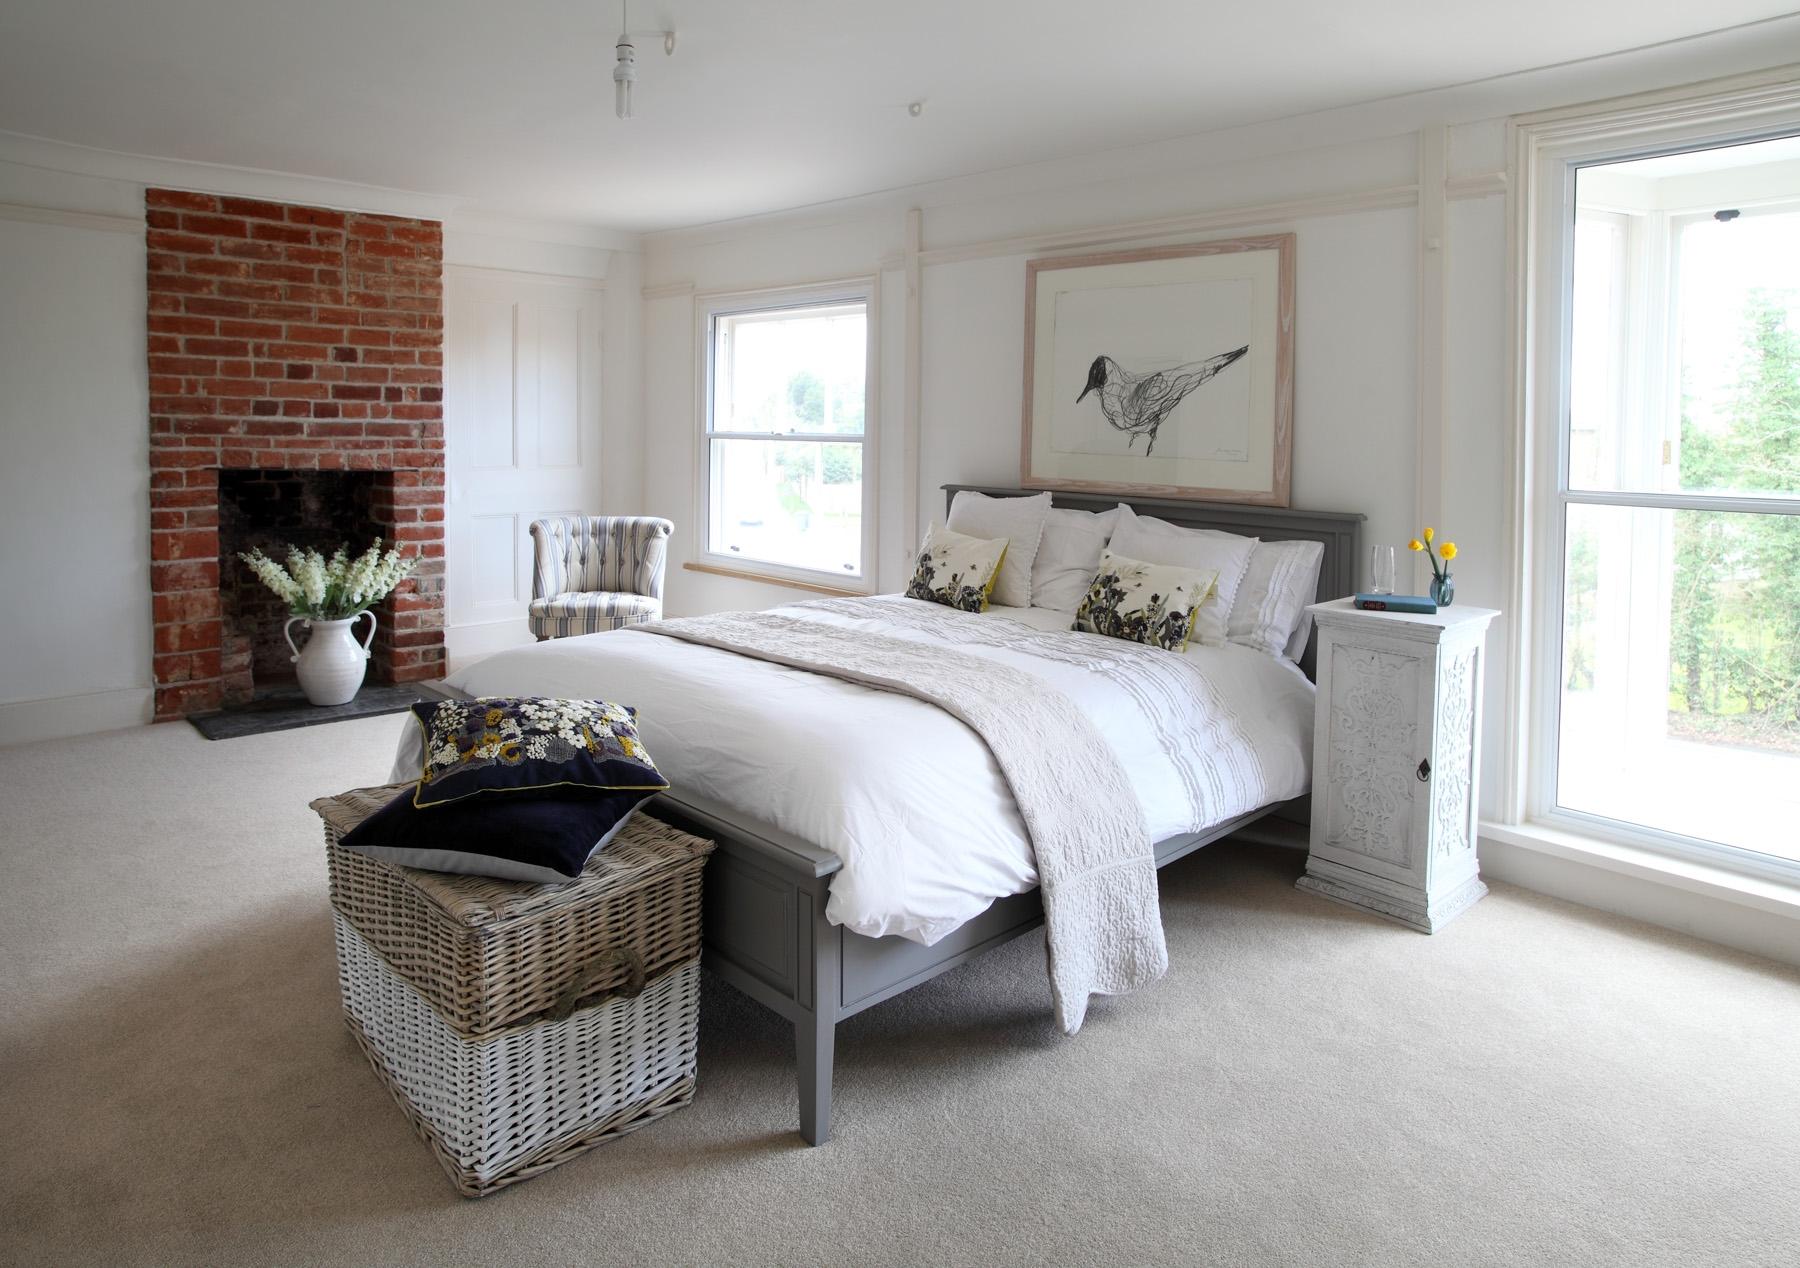 bedroom-image